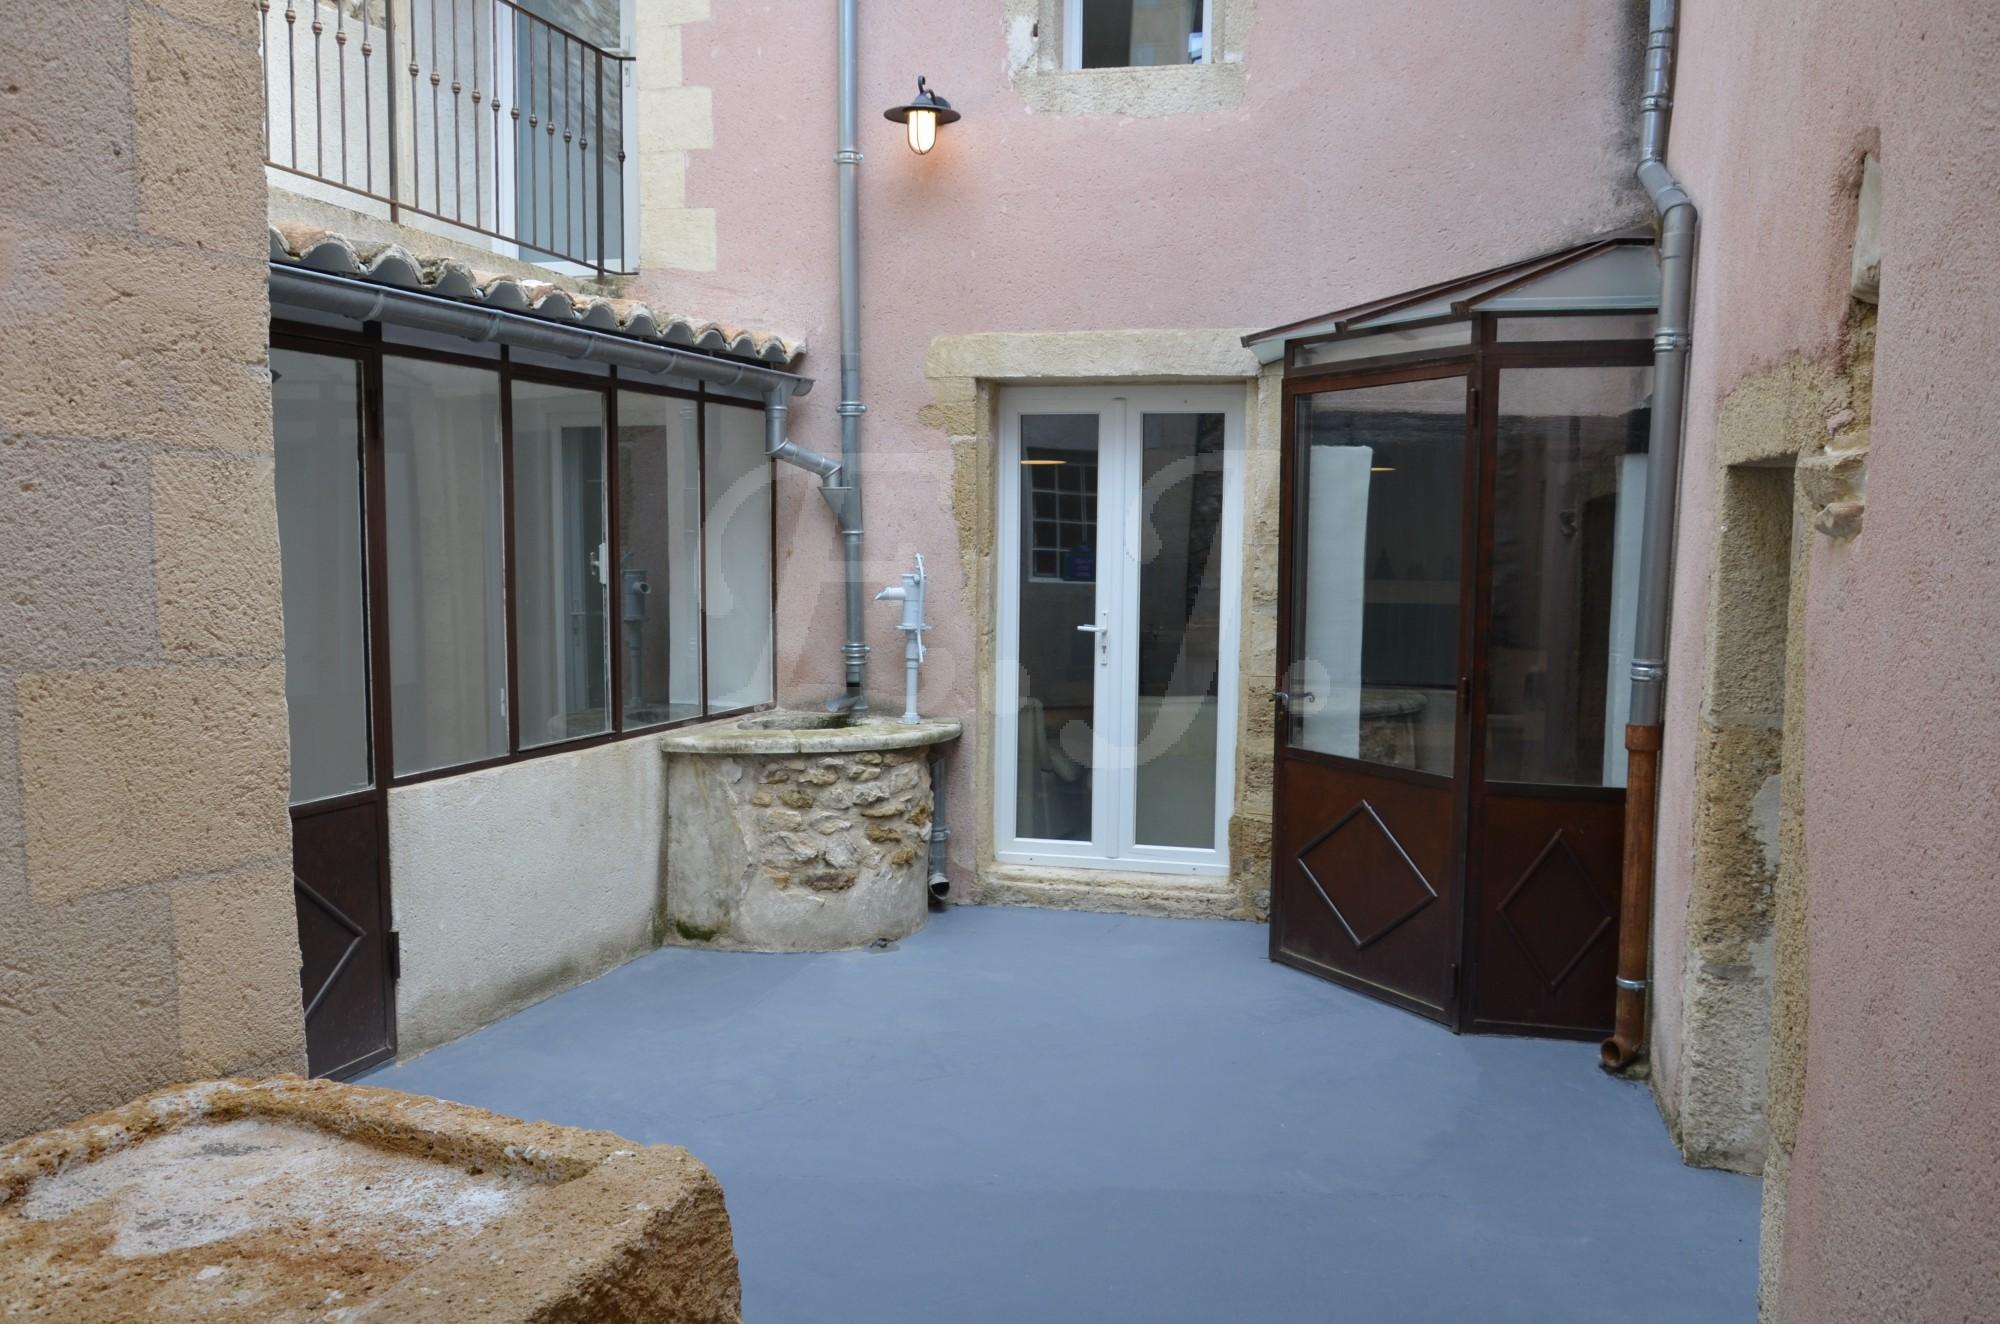 ventes maison de village t4 5 f4 5 robion r novation r cente et de qualit maison et villa. Black Bedroom Furniture Sets. Home Design Ideas